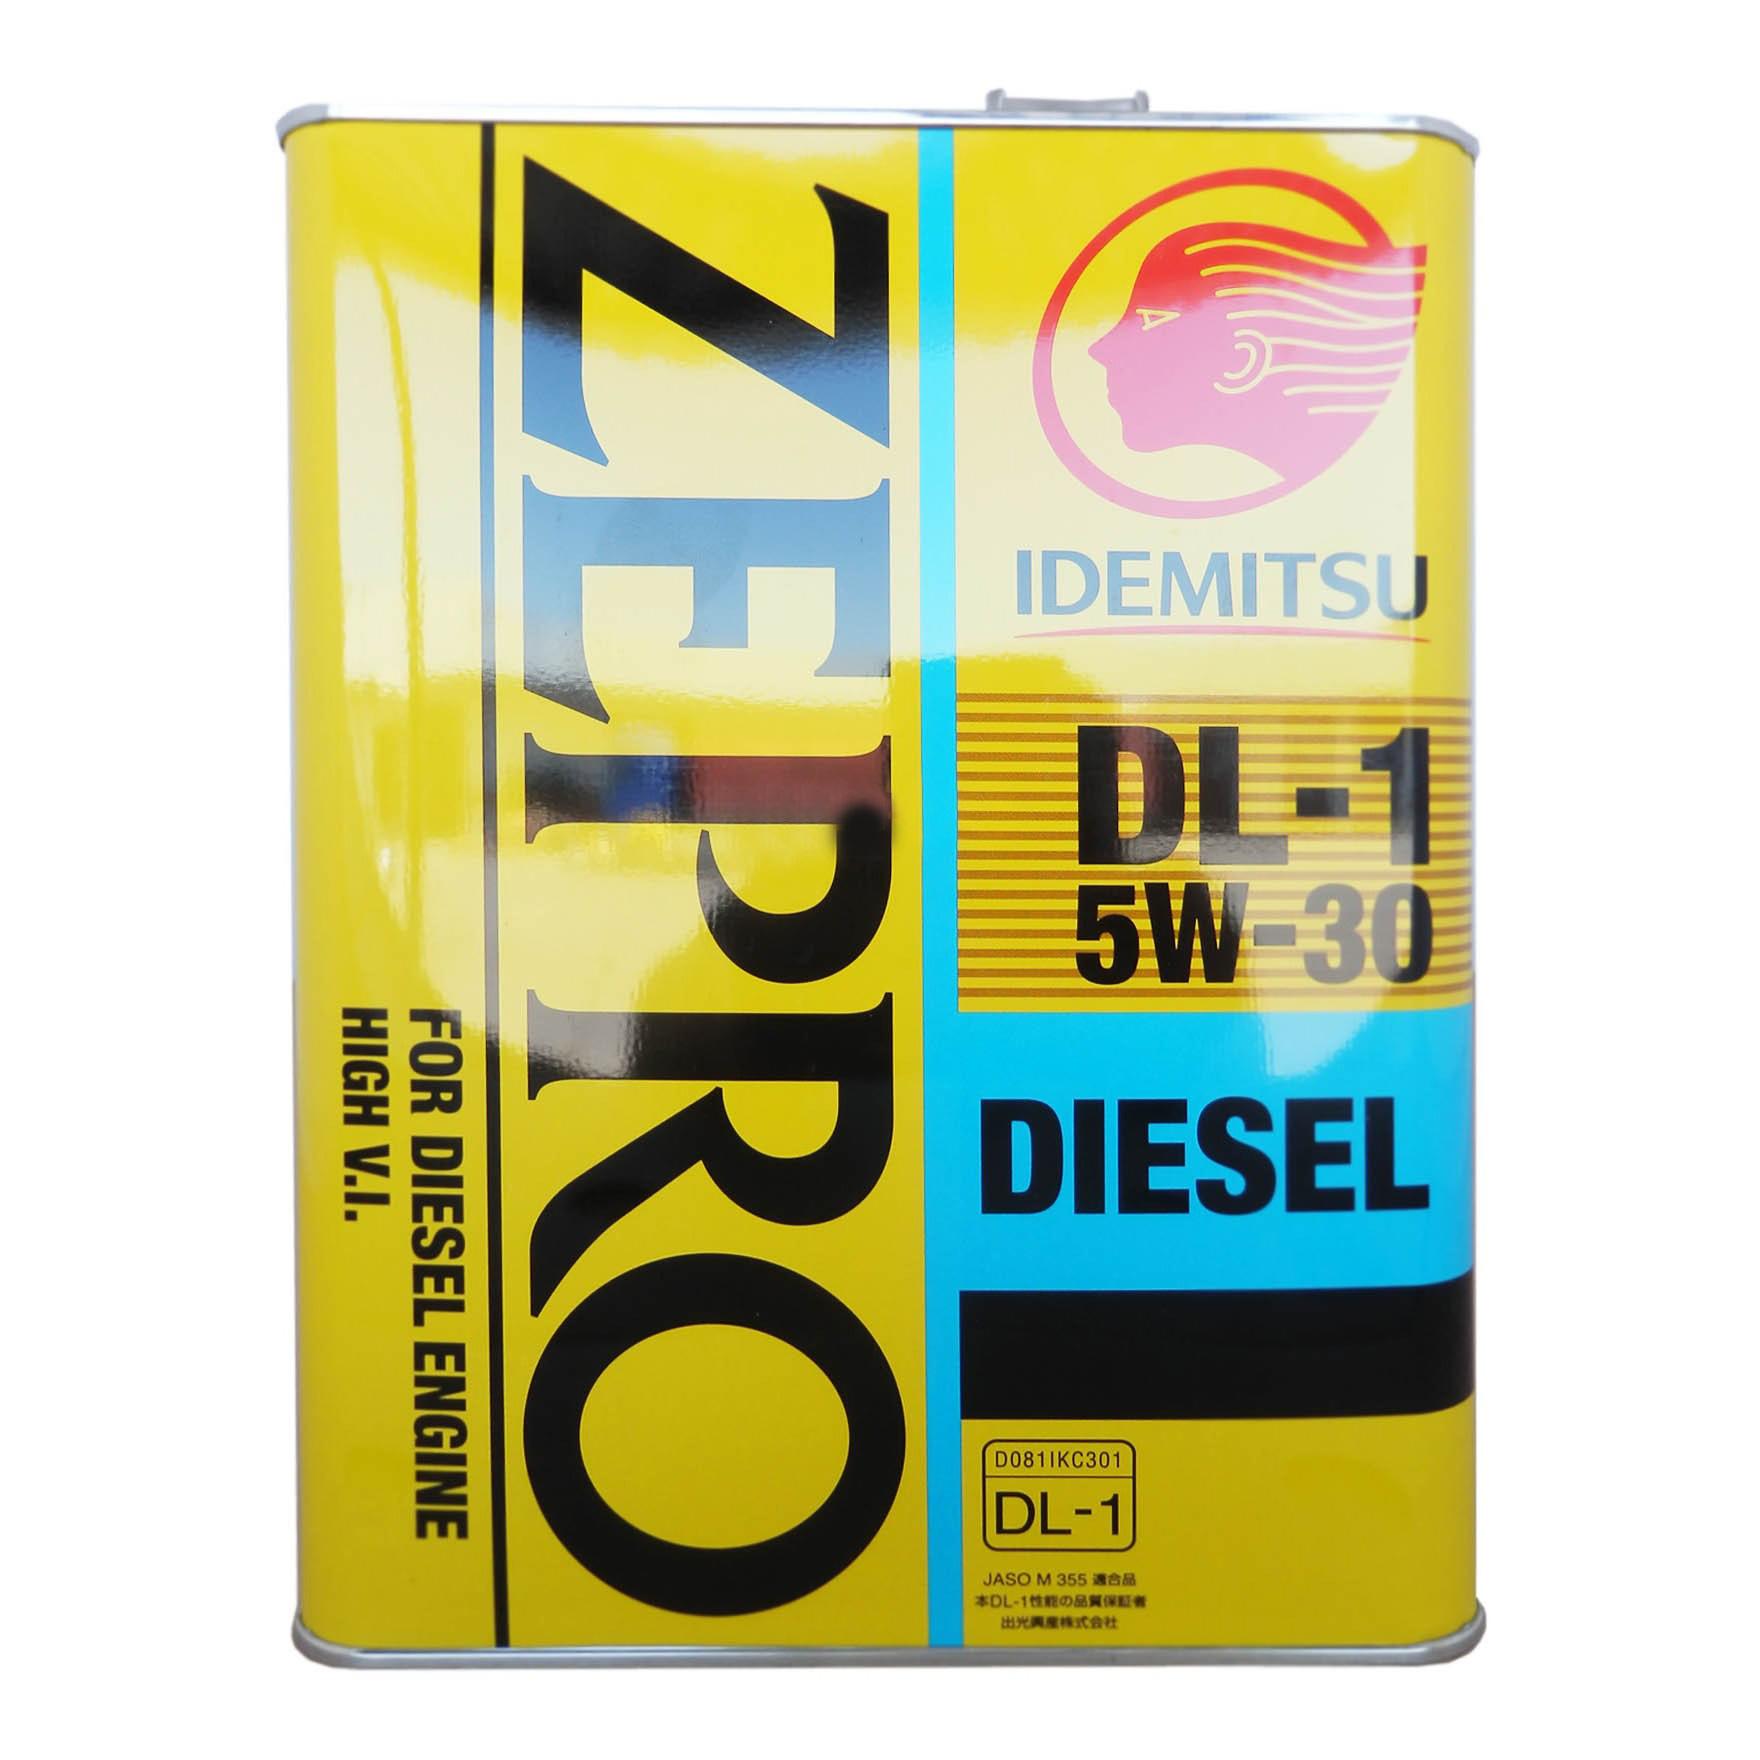 Моторное масло Idemitsu Zepro Diesel DL-1 5W-30 4л